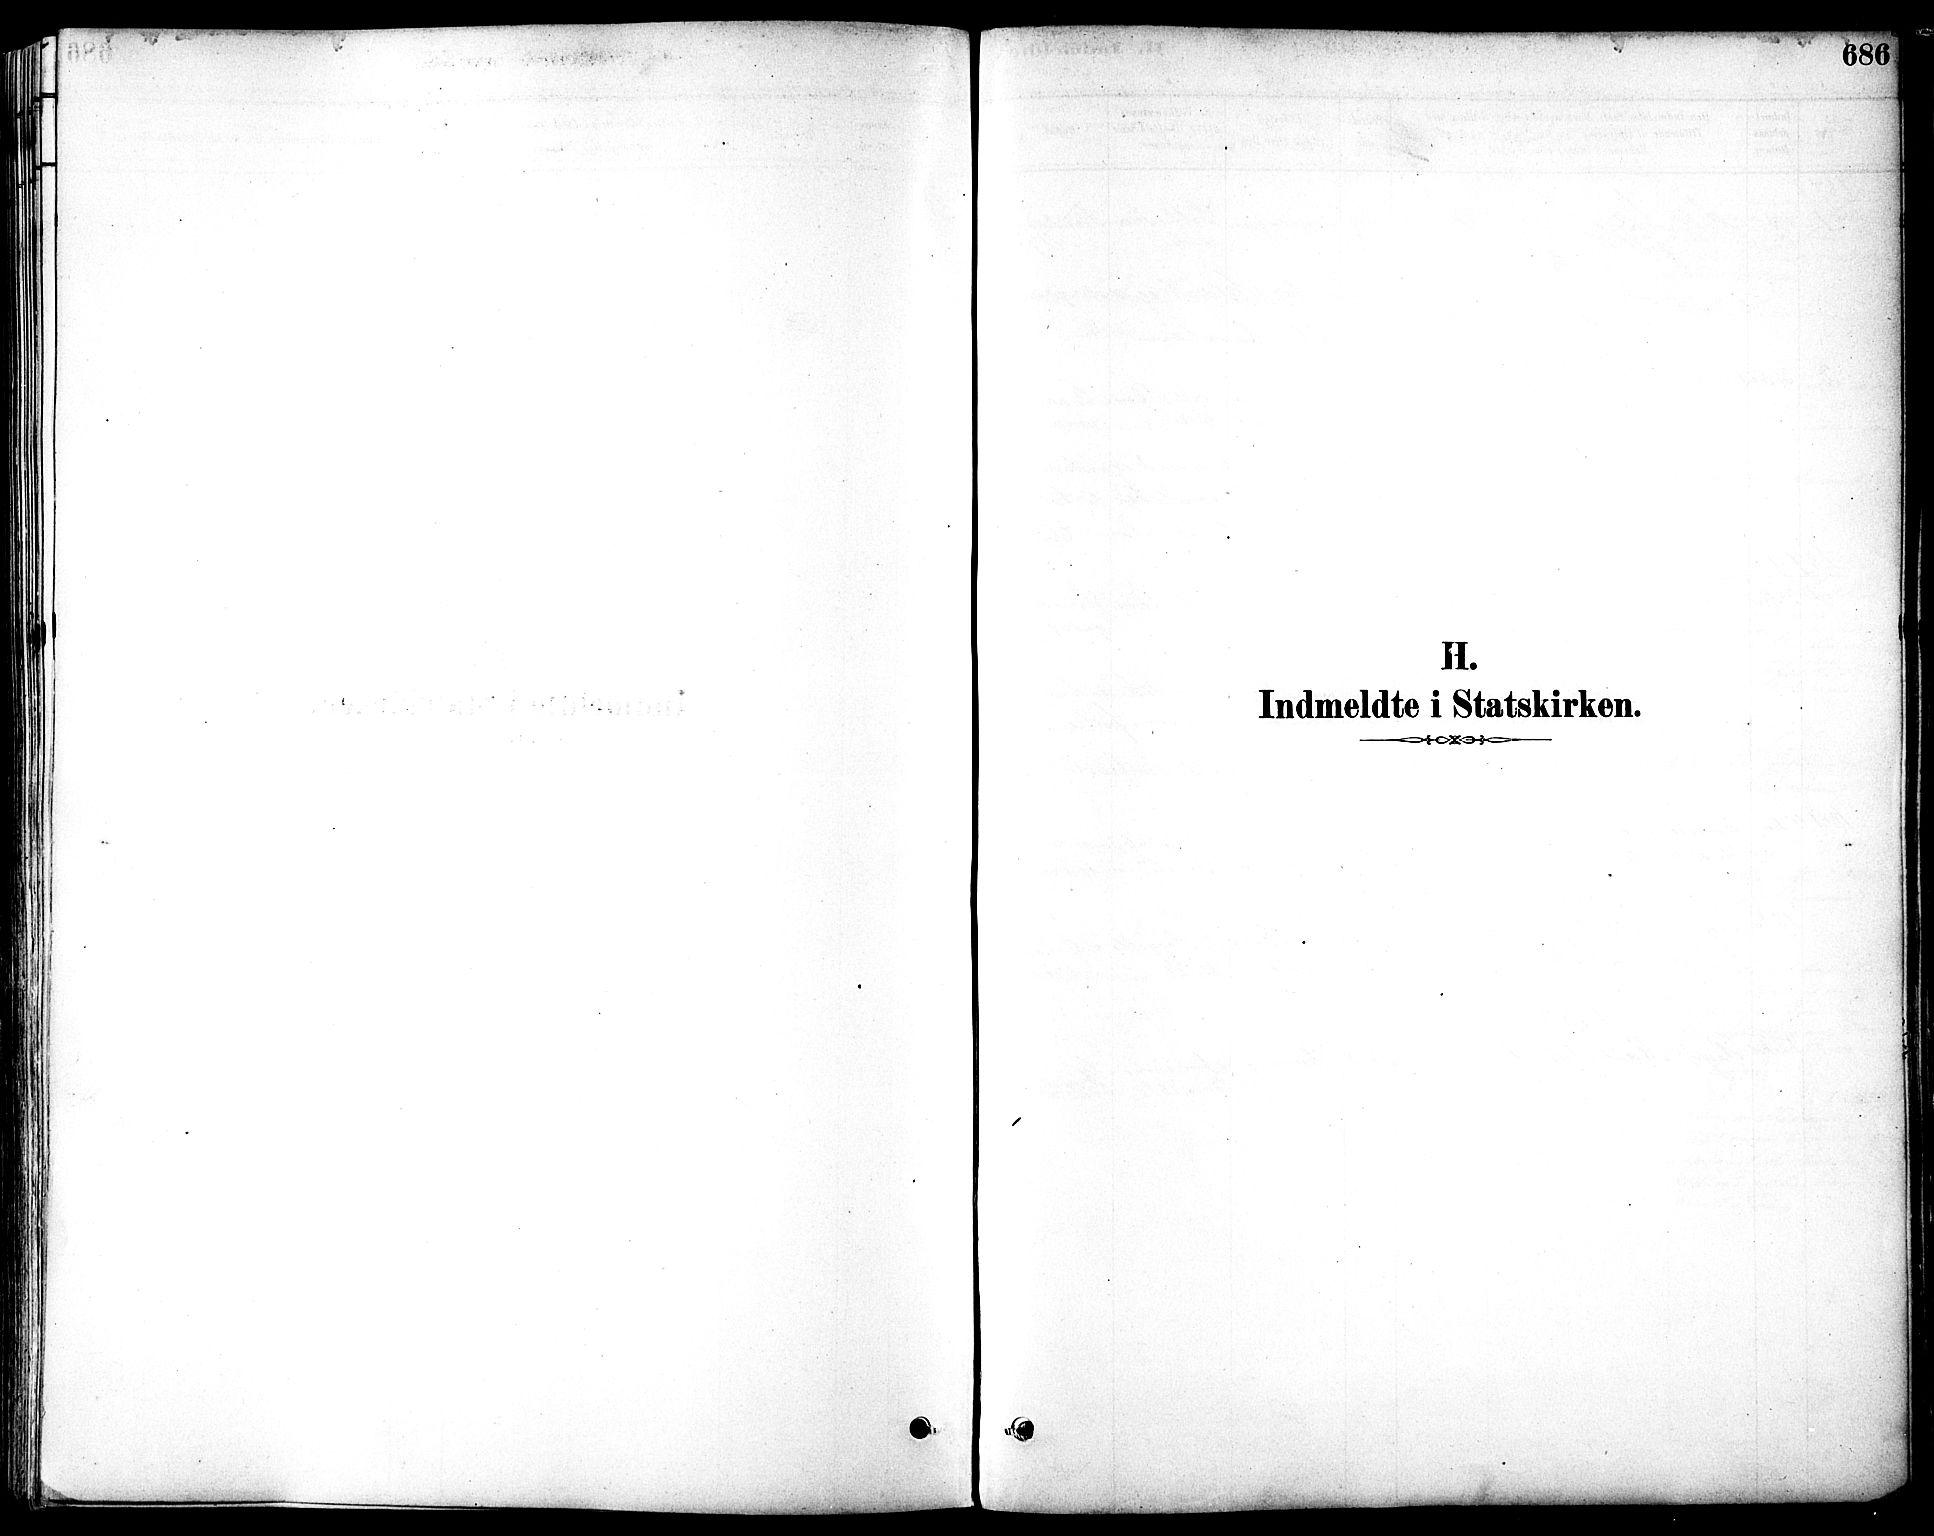 SAT, Ministerialprotokoller, klokkerbøker og fødselsregistre - Sør-Trøndelag, 601/L0058: Ministerialbok nr. 601A26, 1877-1891, s. 686